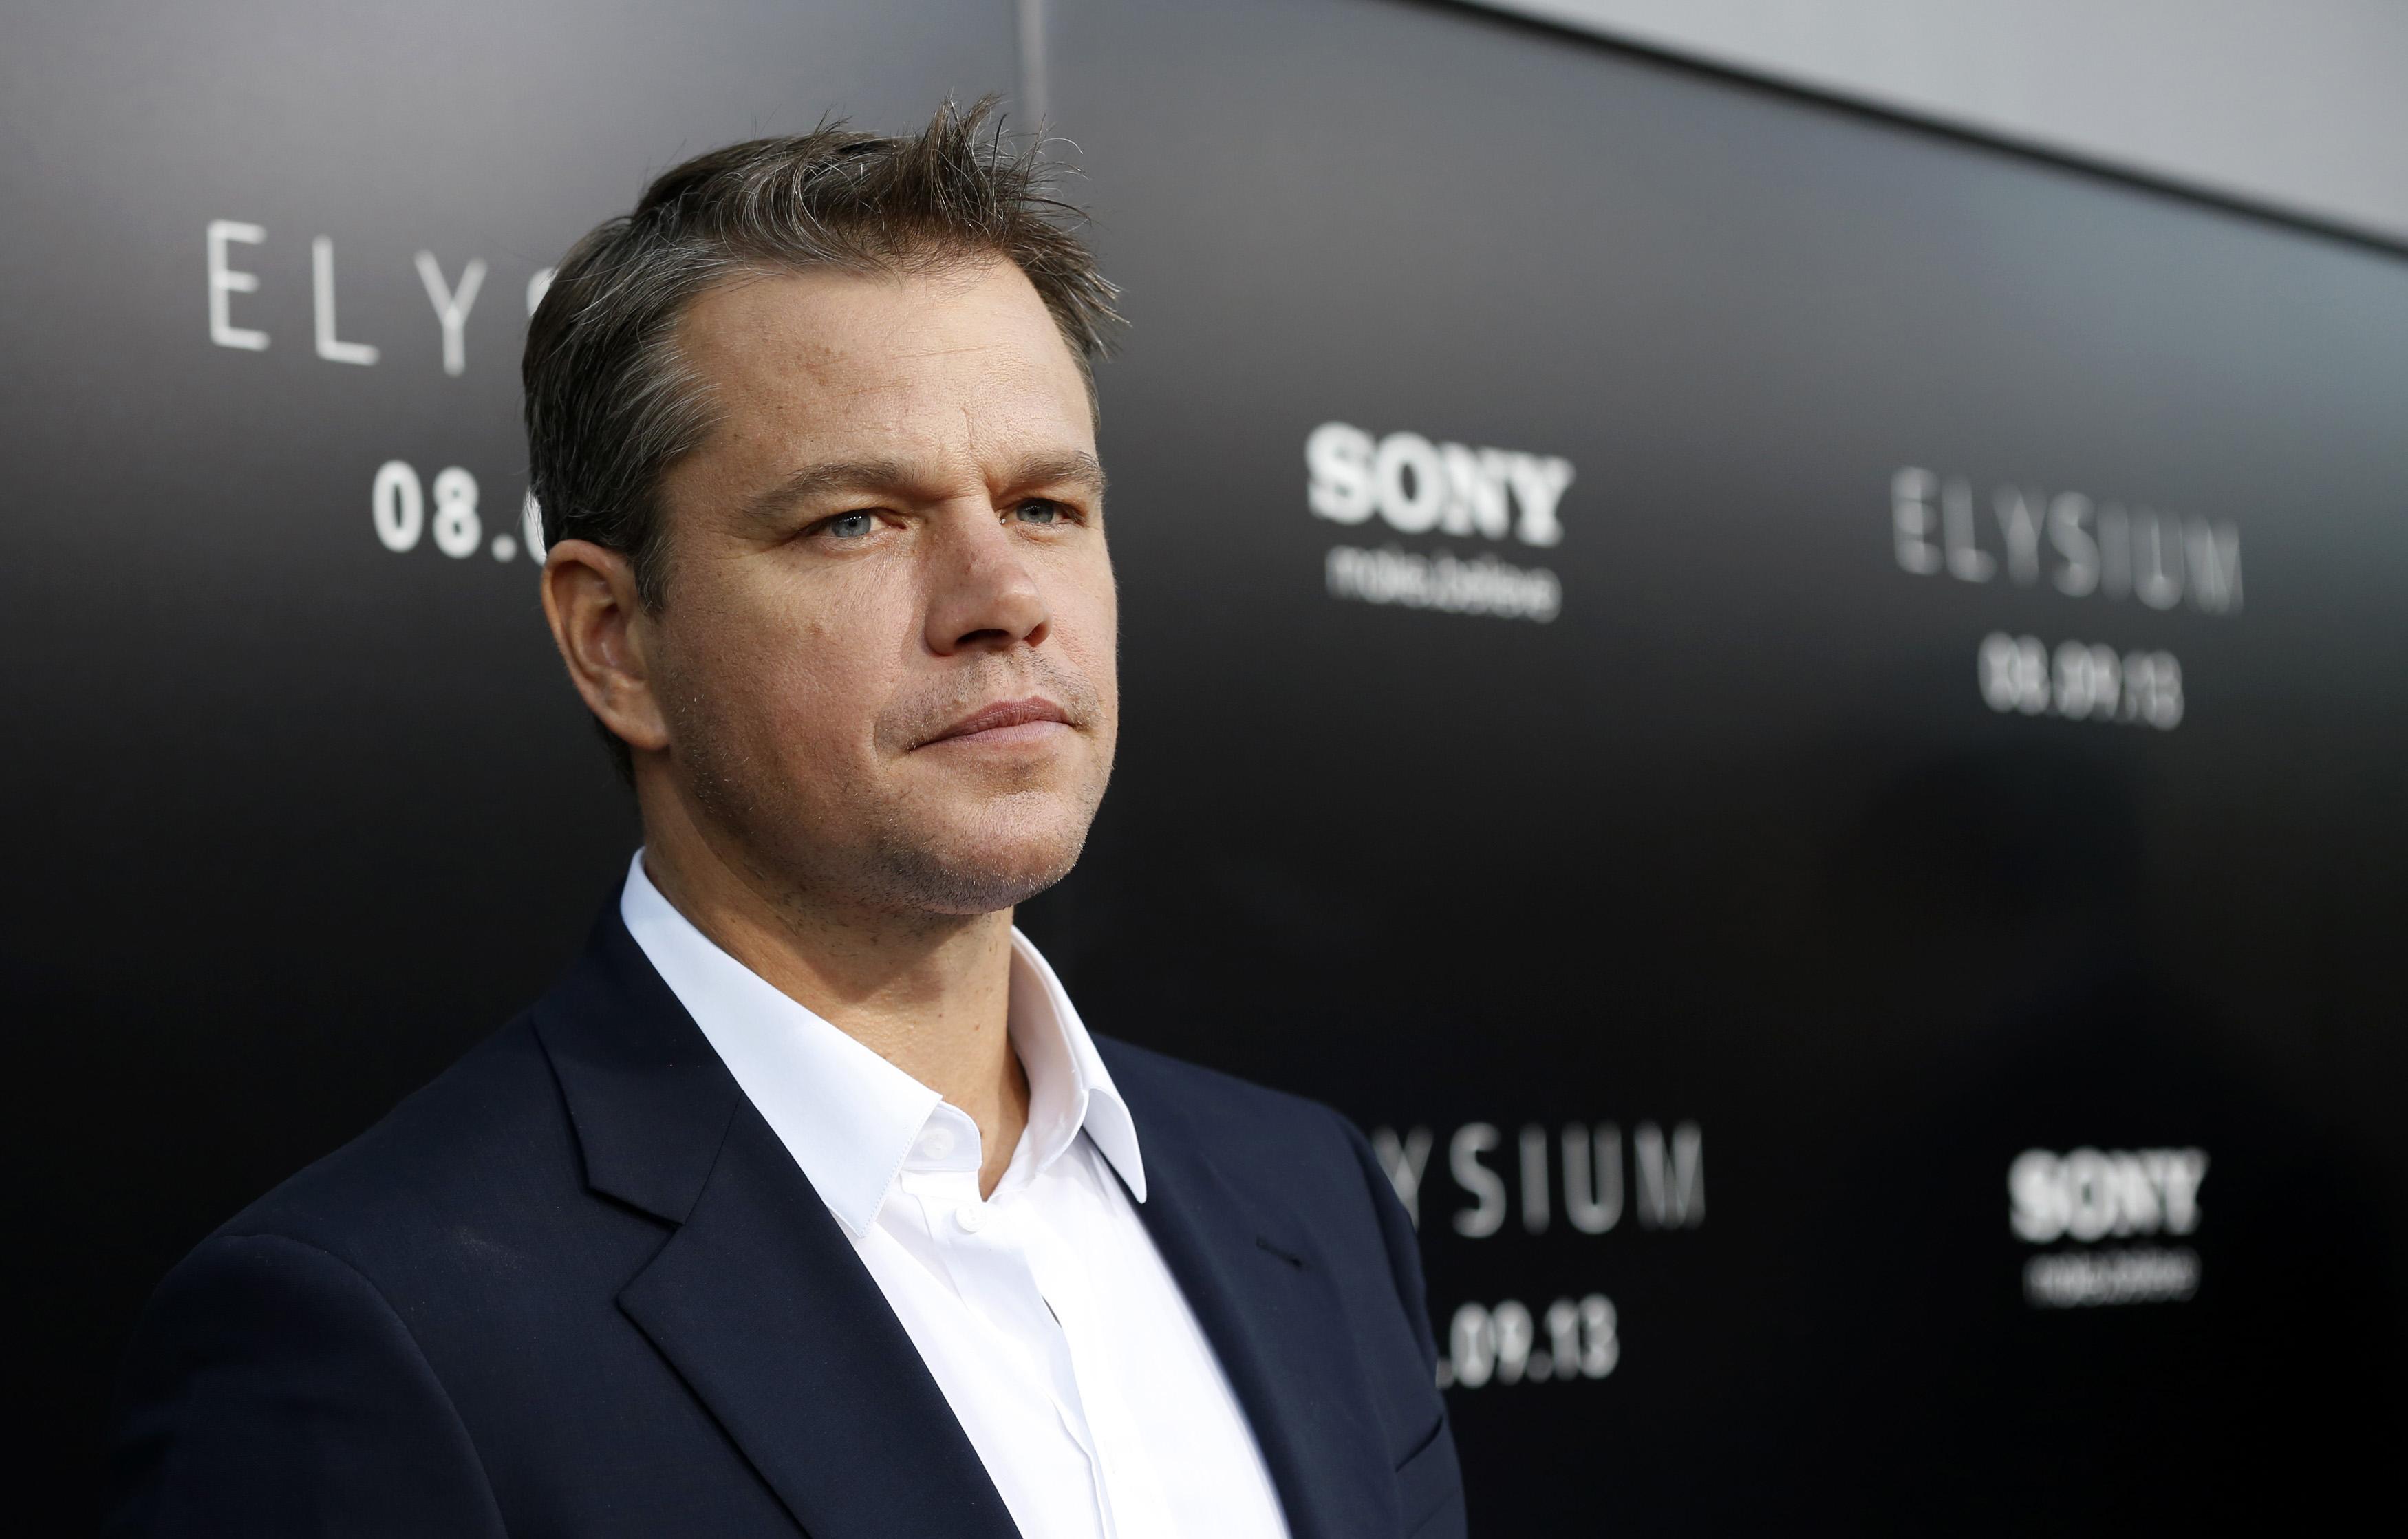 Matt Damon - QI 160 - Quase chegando a gênio!